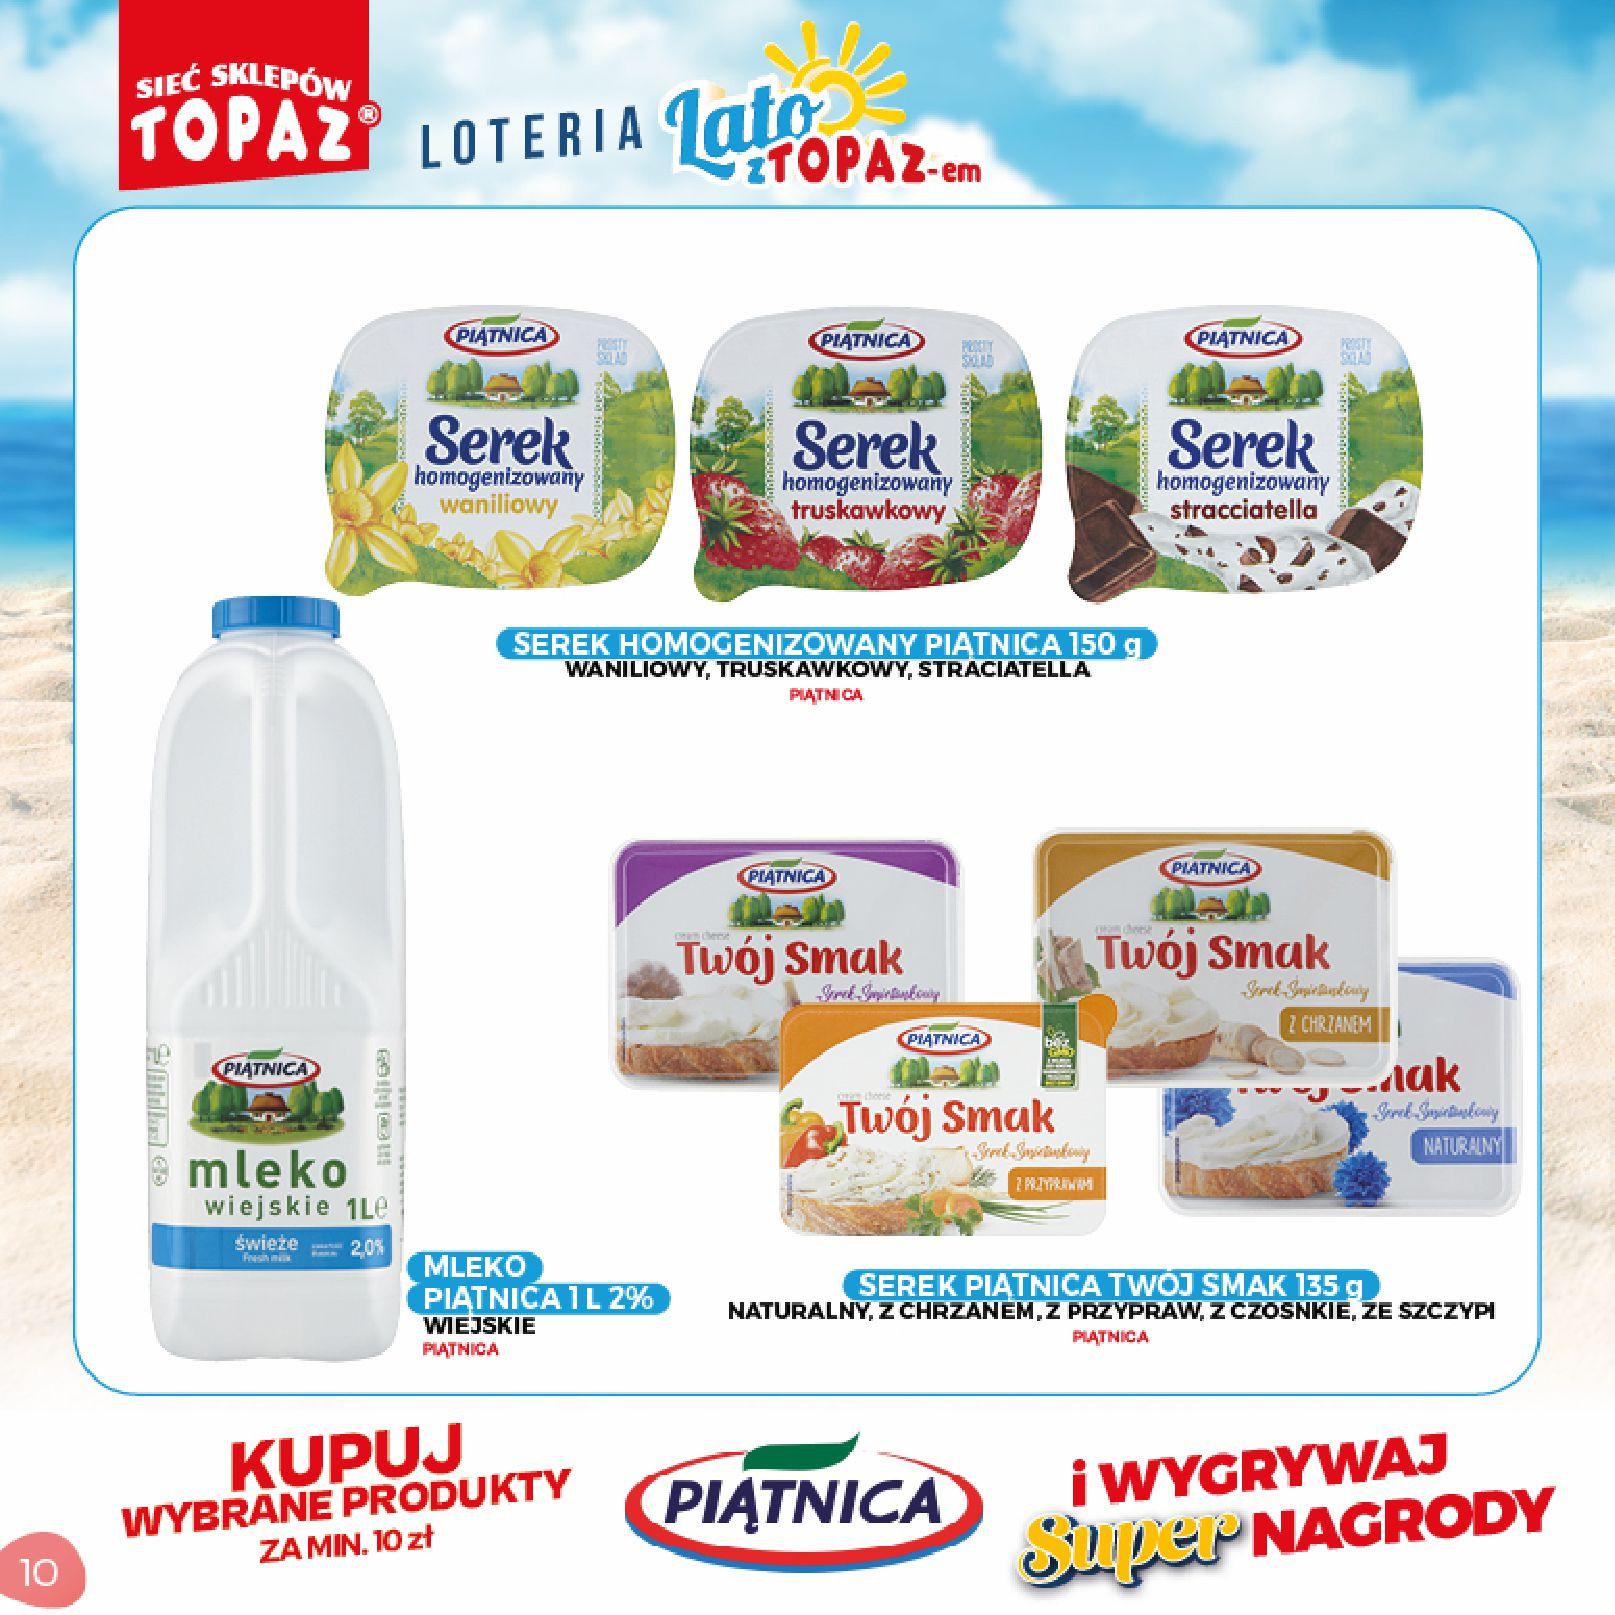 Gazetka TOPAZ: Gazetka TOPAZ - Loteria 2021-07-05 page-10